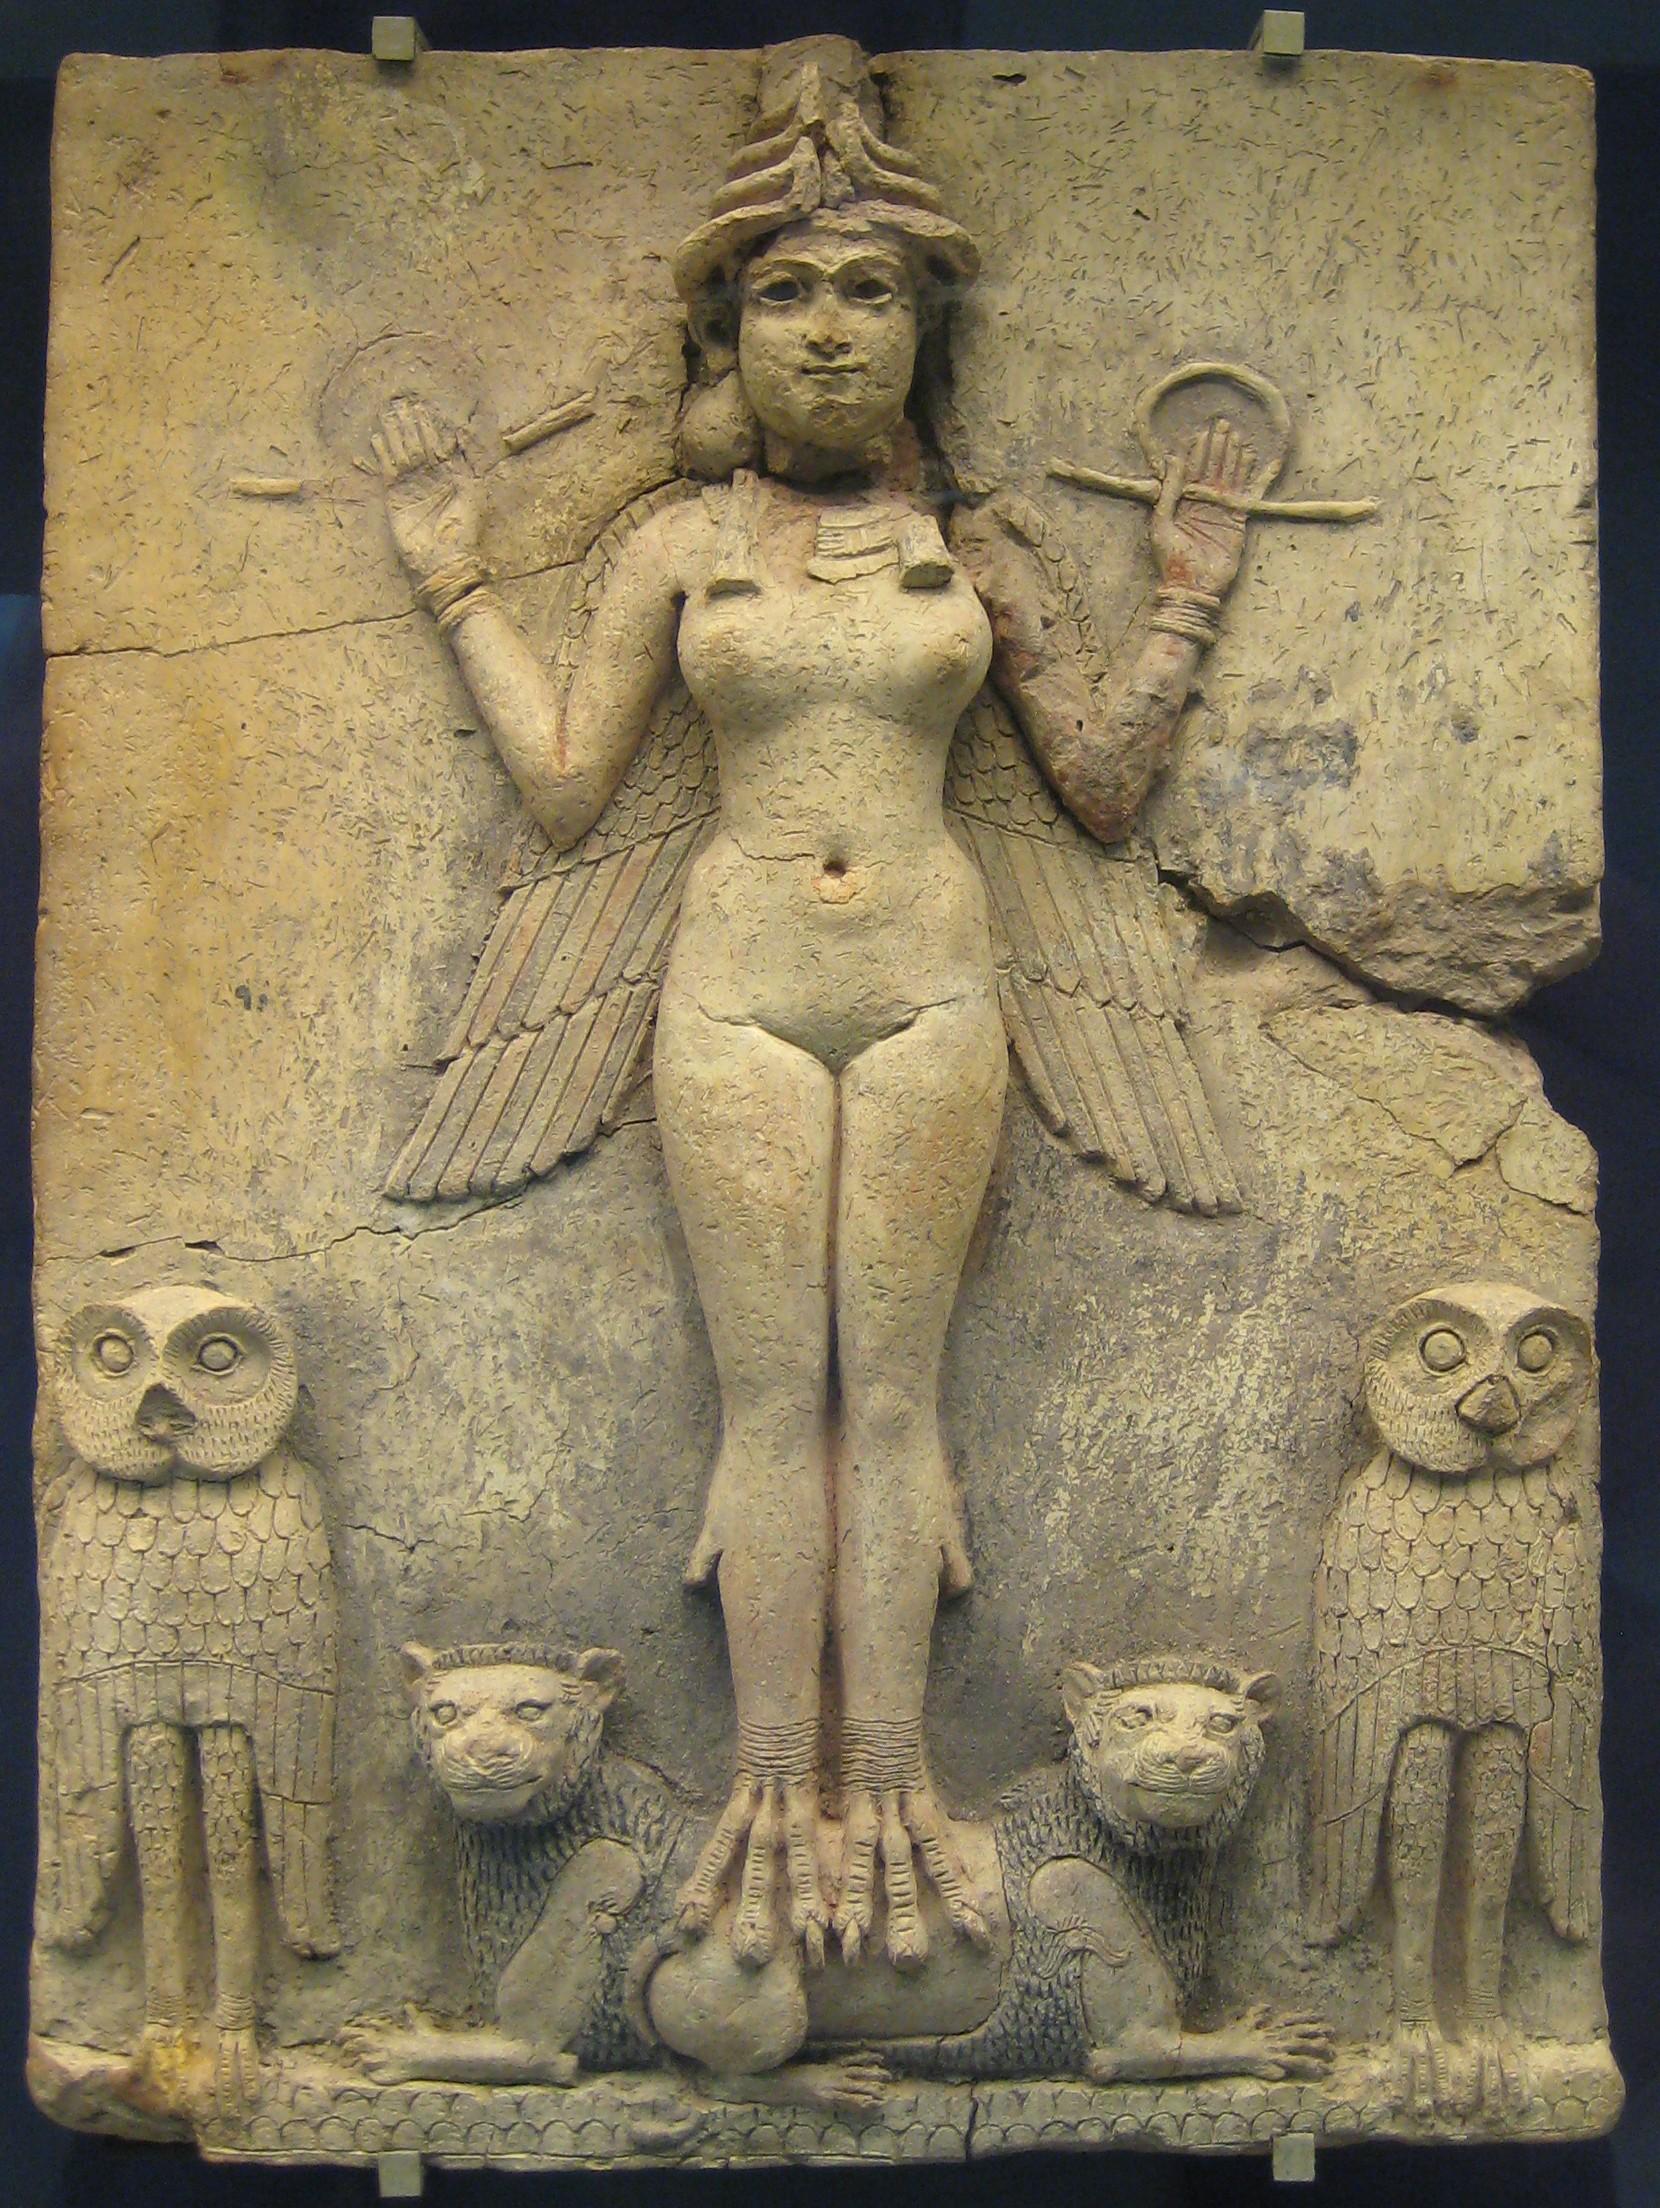 上图:美索不达米亚神话中阴间女神埃列什基伽勒(Ereshkigal)。在苏美尔神话《伊南娜下冥界》( Inanna's Descent to the Underworld)中,描述了阴间的城门建筑,有七道城门,每道城门都有守卫管制出入。